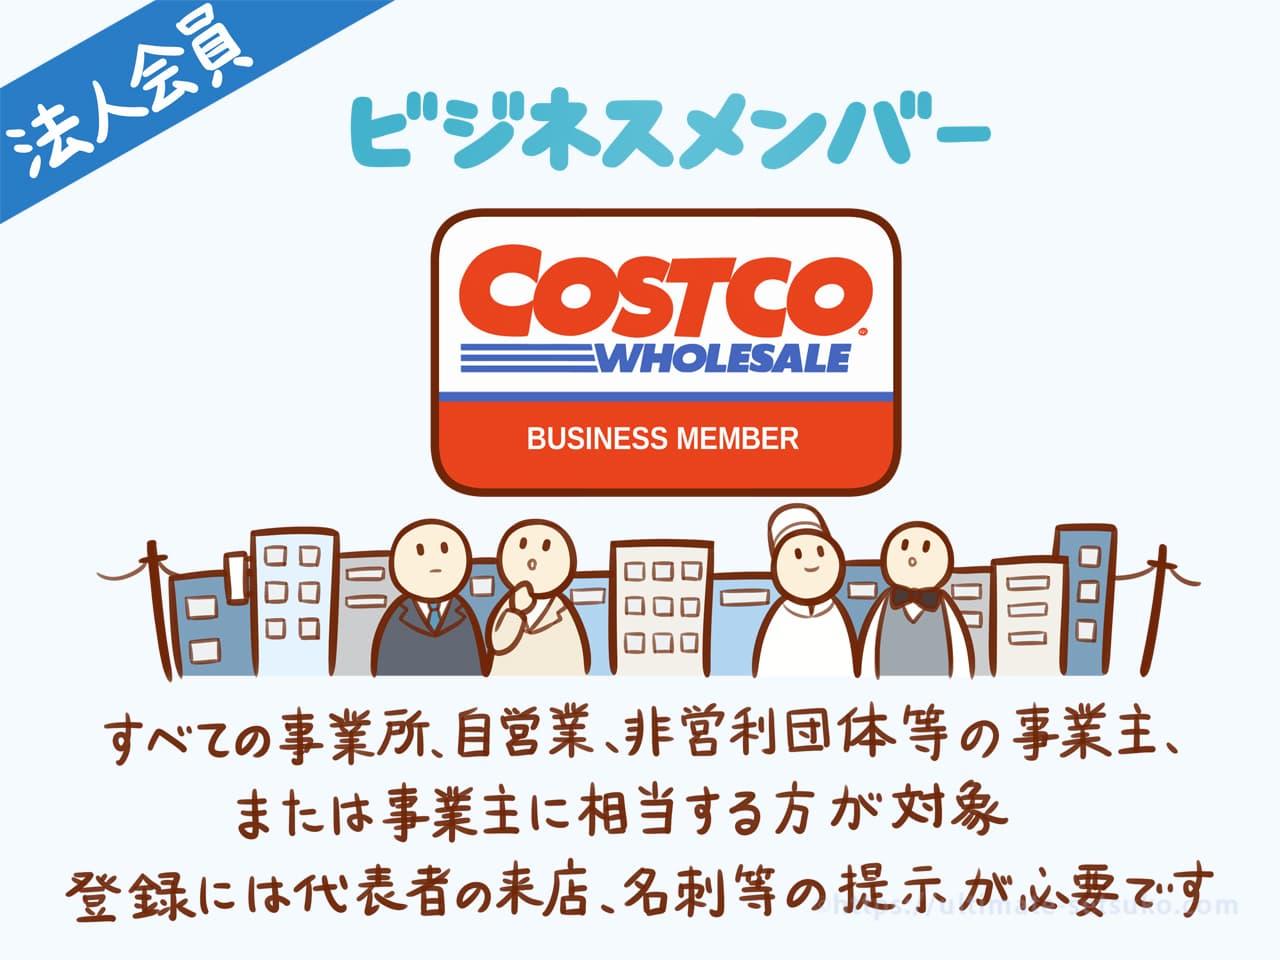 コストコの会員の種類「ビジネスメンバー」